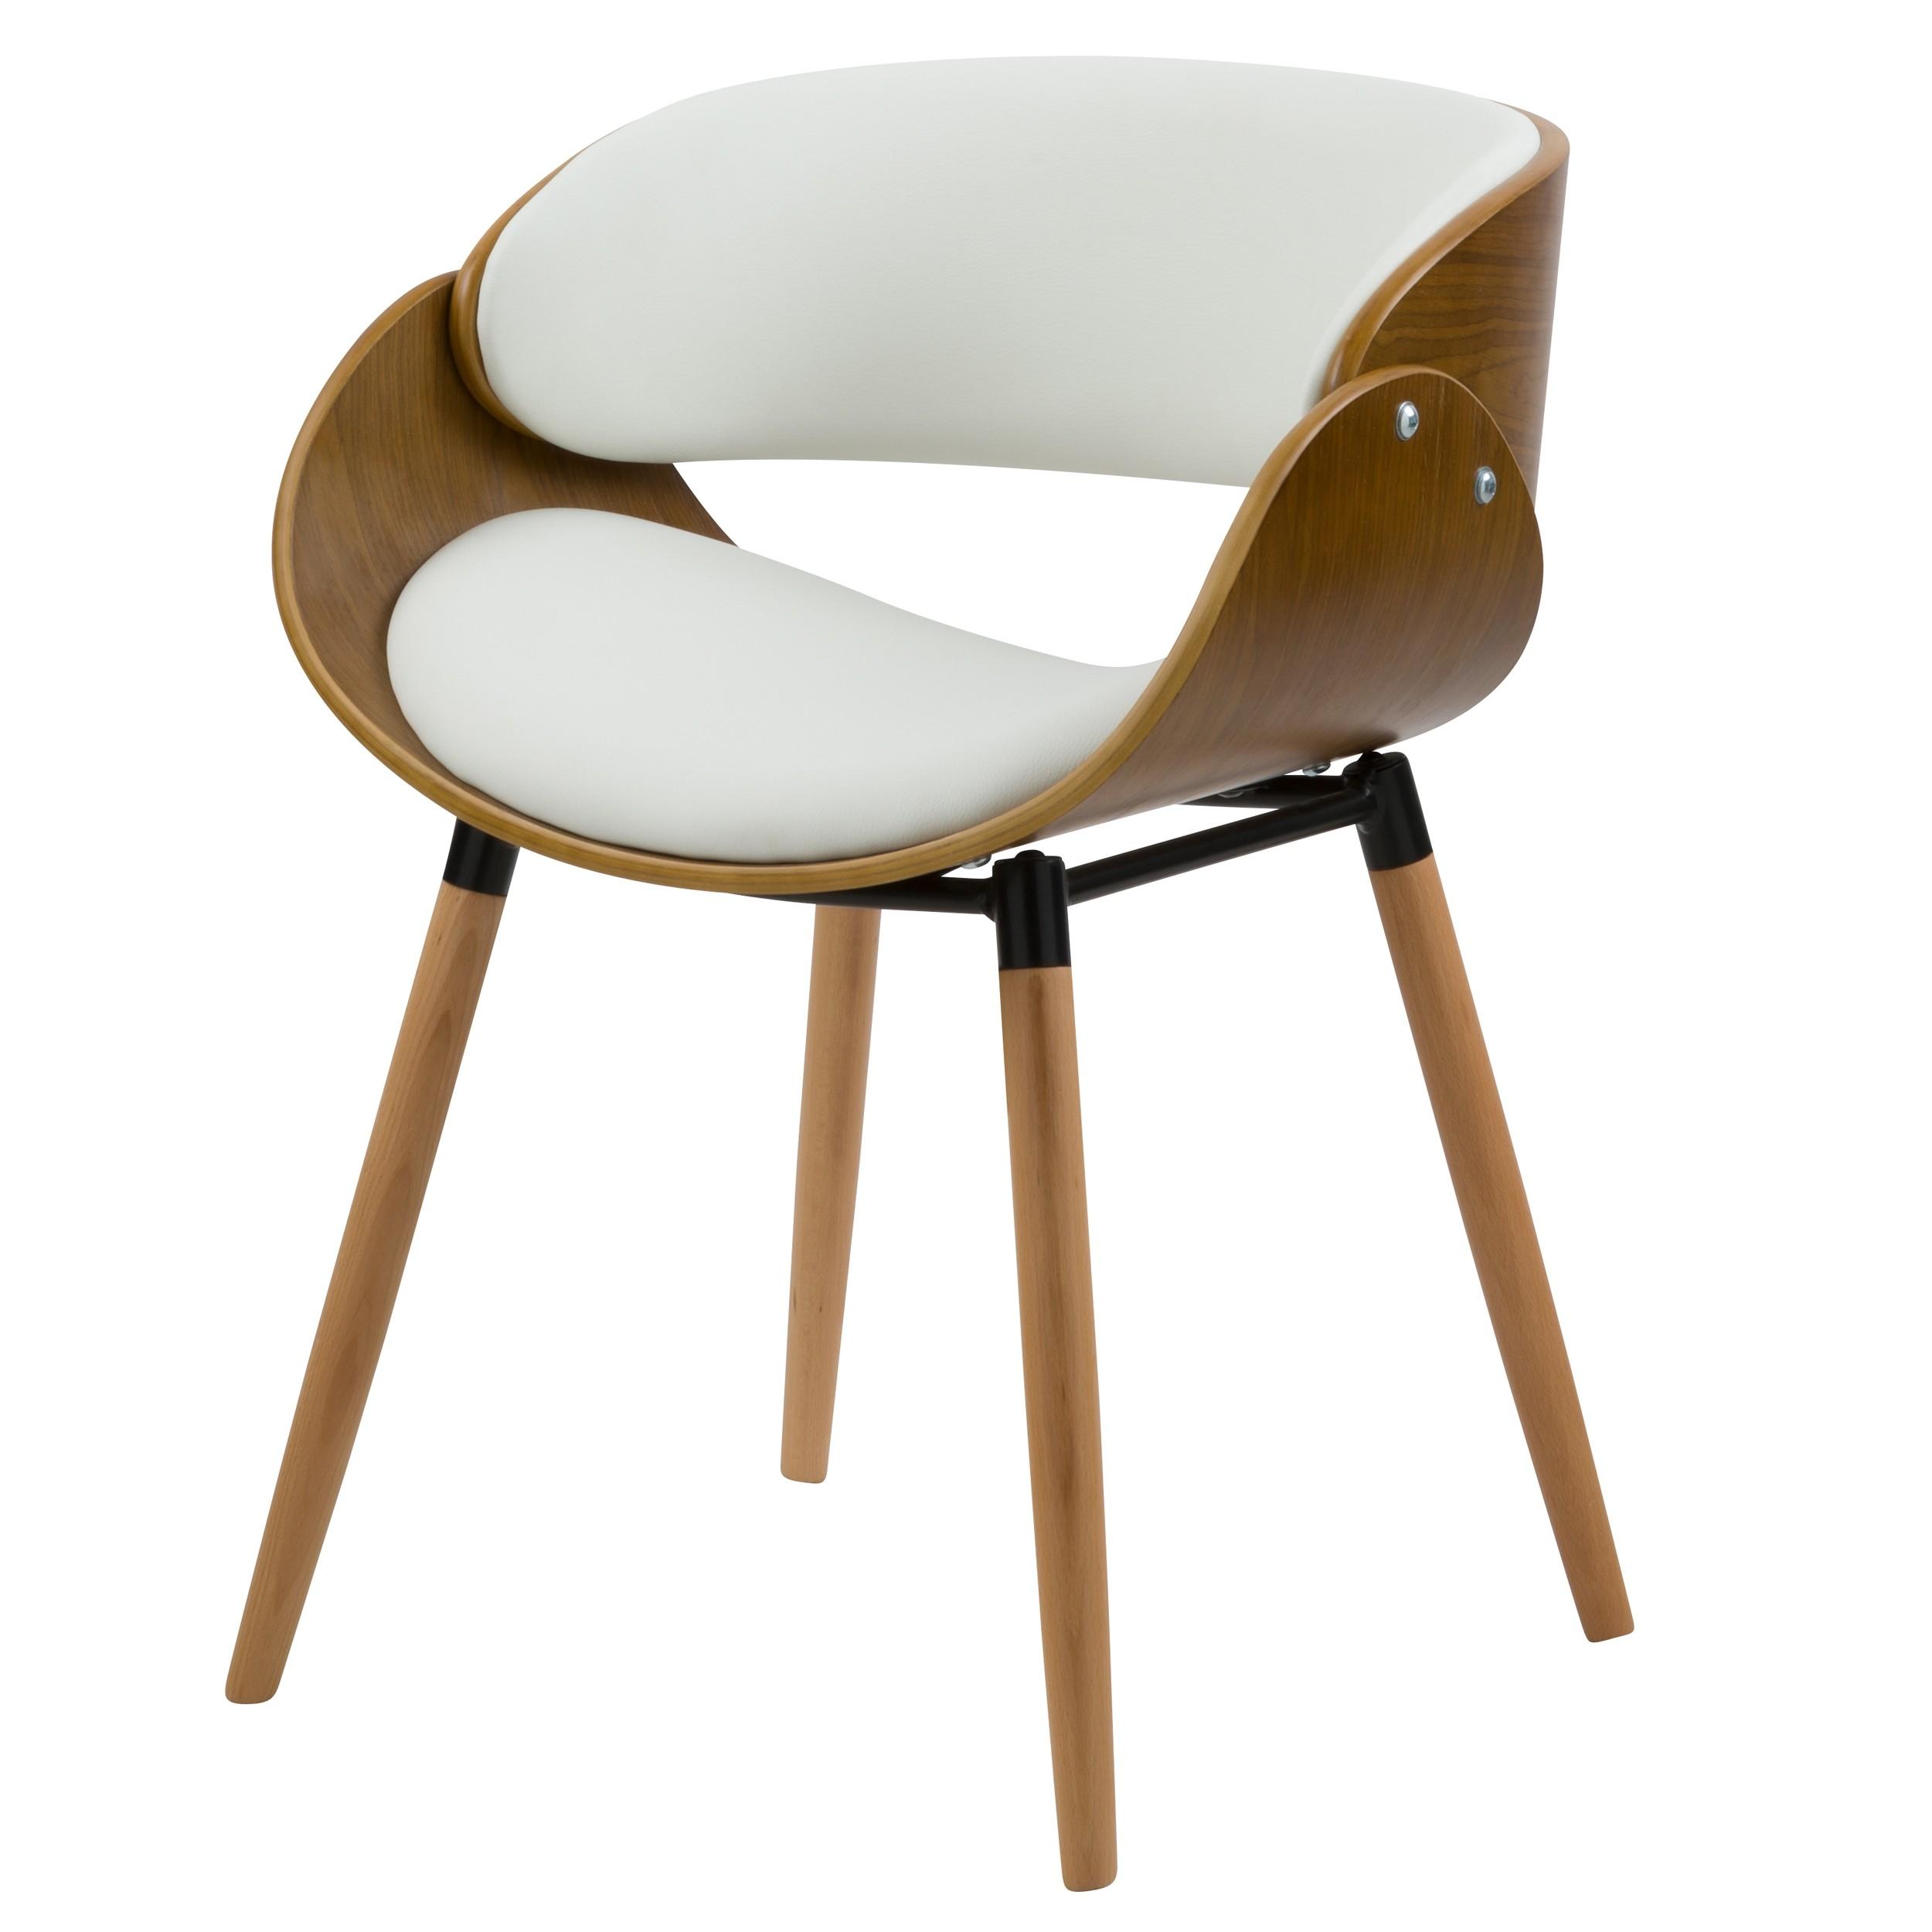 acheter fauteuil en bois et cuir synthetique blanc